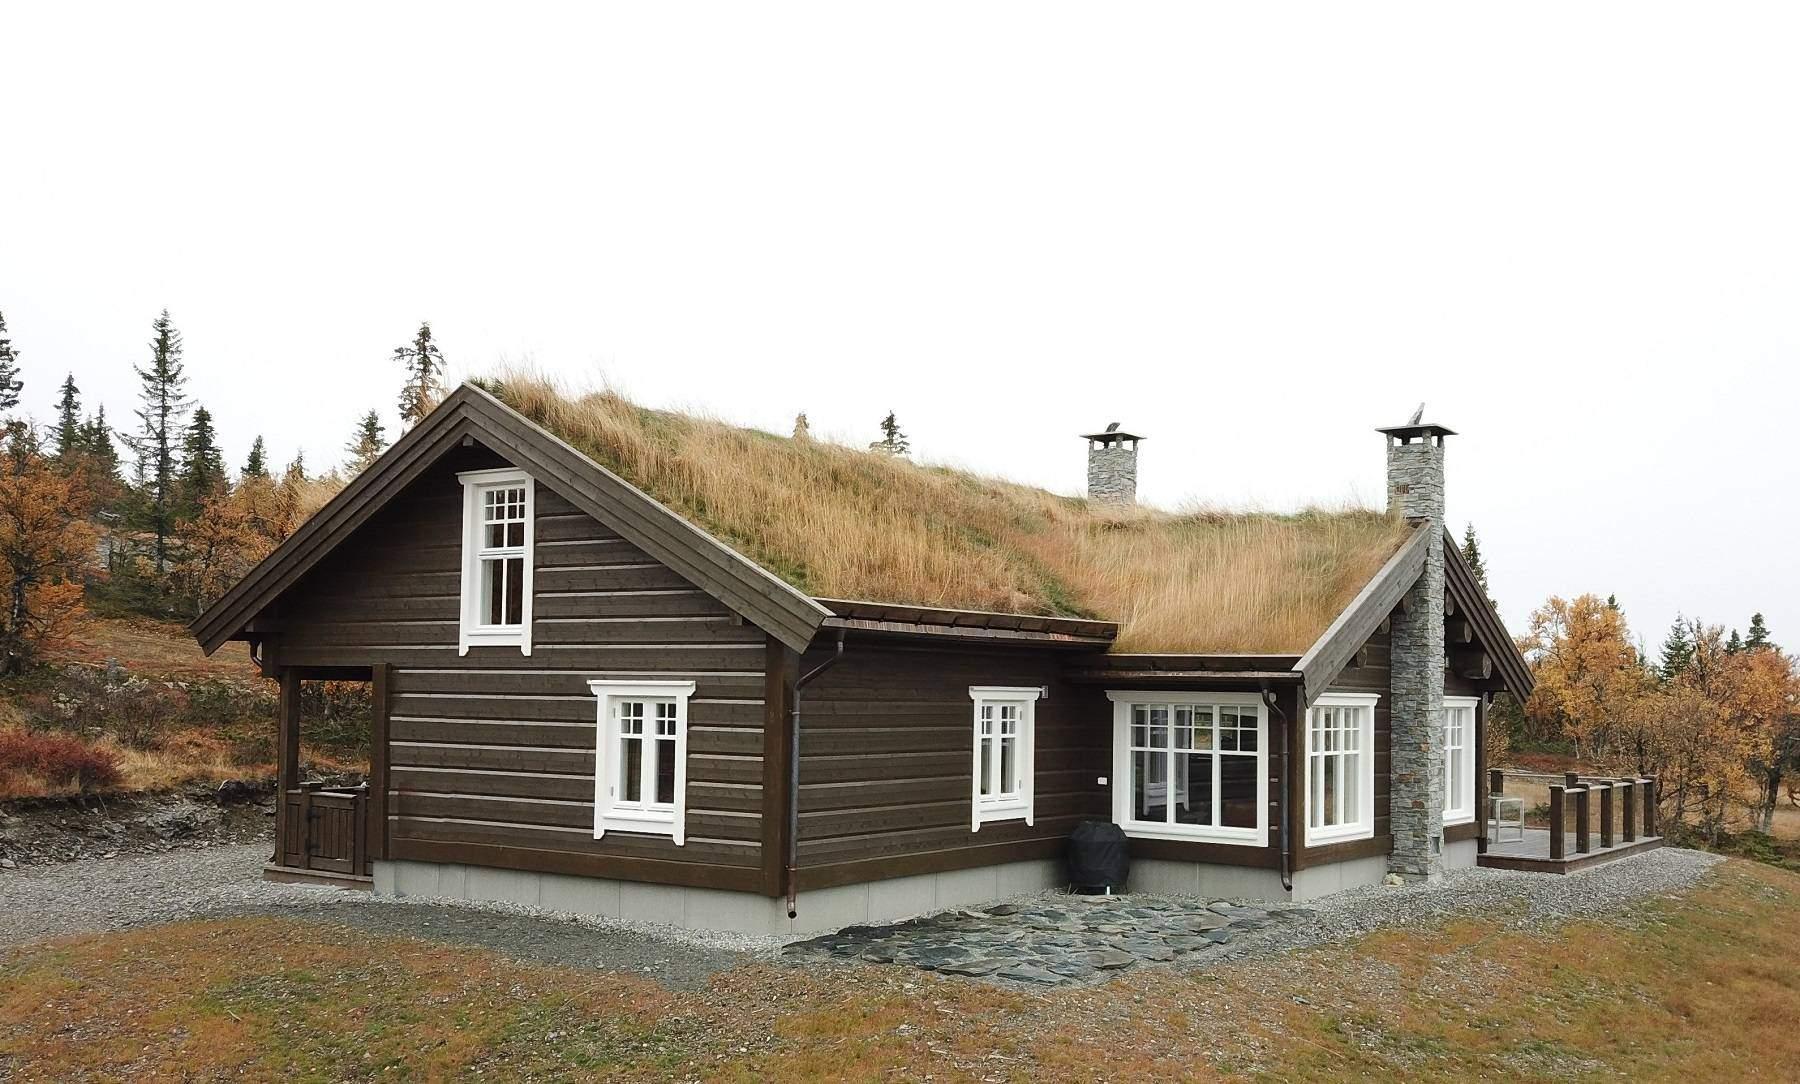 370 Gålå – Hyttebilde – Hytte Hemsedal 120 – Hytteleverandør Tiurtoppen Hytter